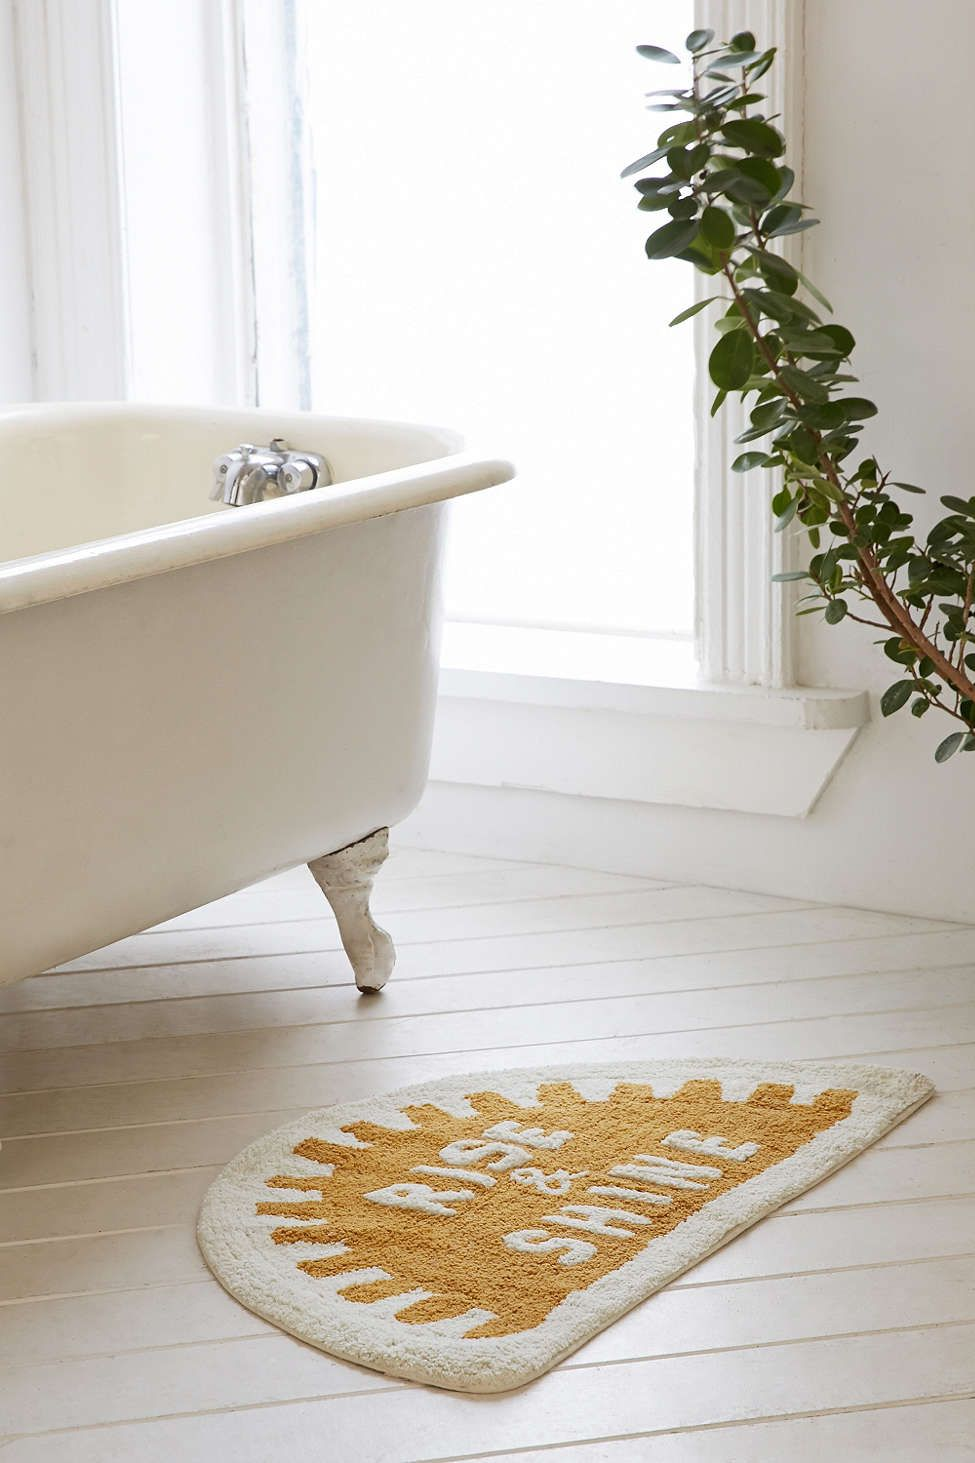 4040 Locust Rise Shine Bath Mat Bath Mat Bathroom Rugs Bathroom Decor Rugs [ 1463 x 975 Pixel ]